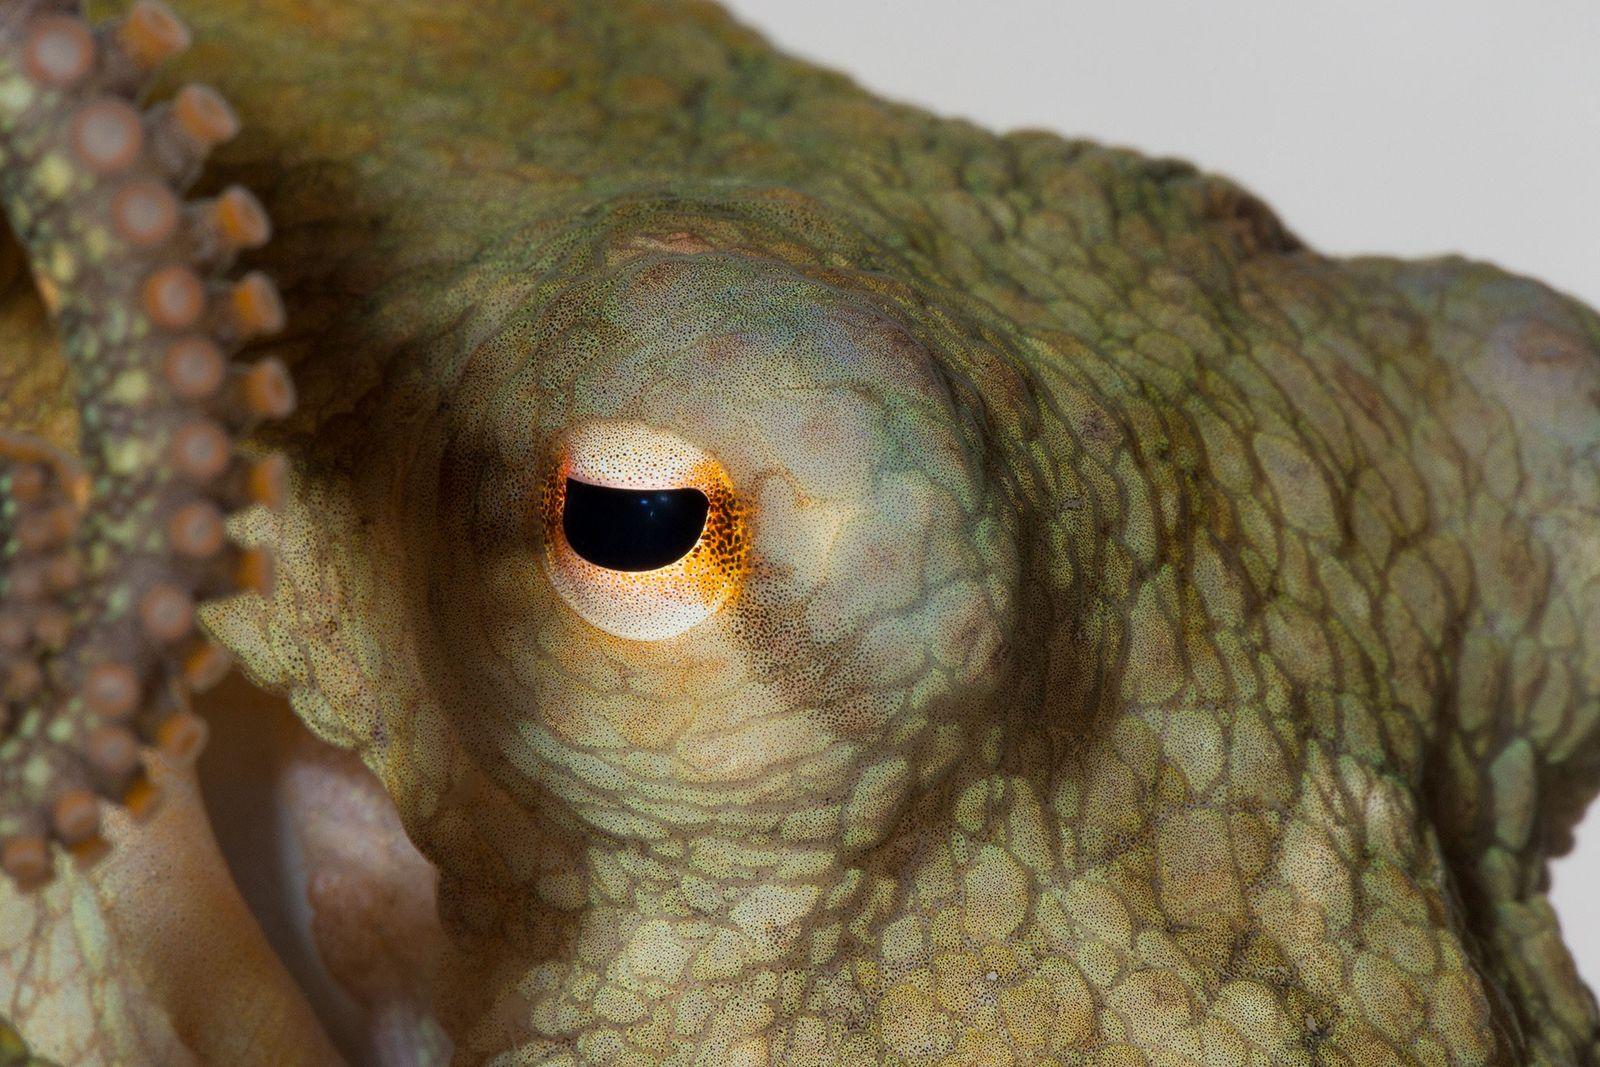 Eine Kalifornische Zweipunktkrake. Exemplare dieser Art wurden auch bei einem Experiment mit MDMA benutzt, besser bekannt ...